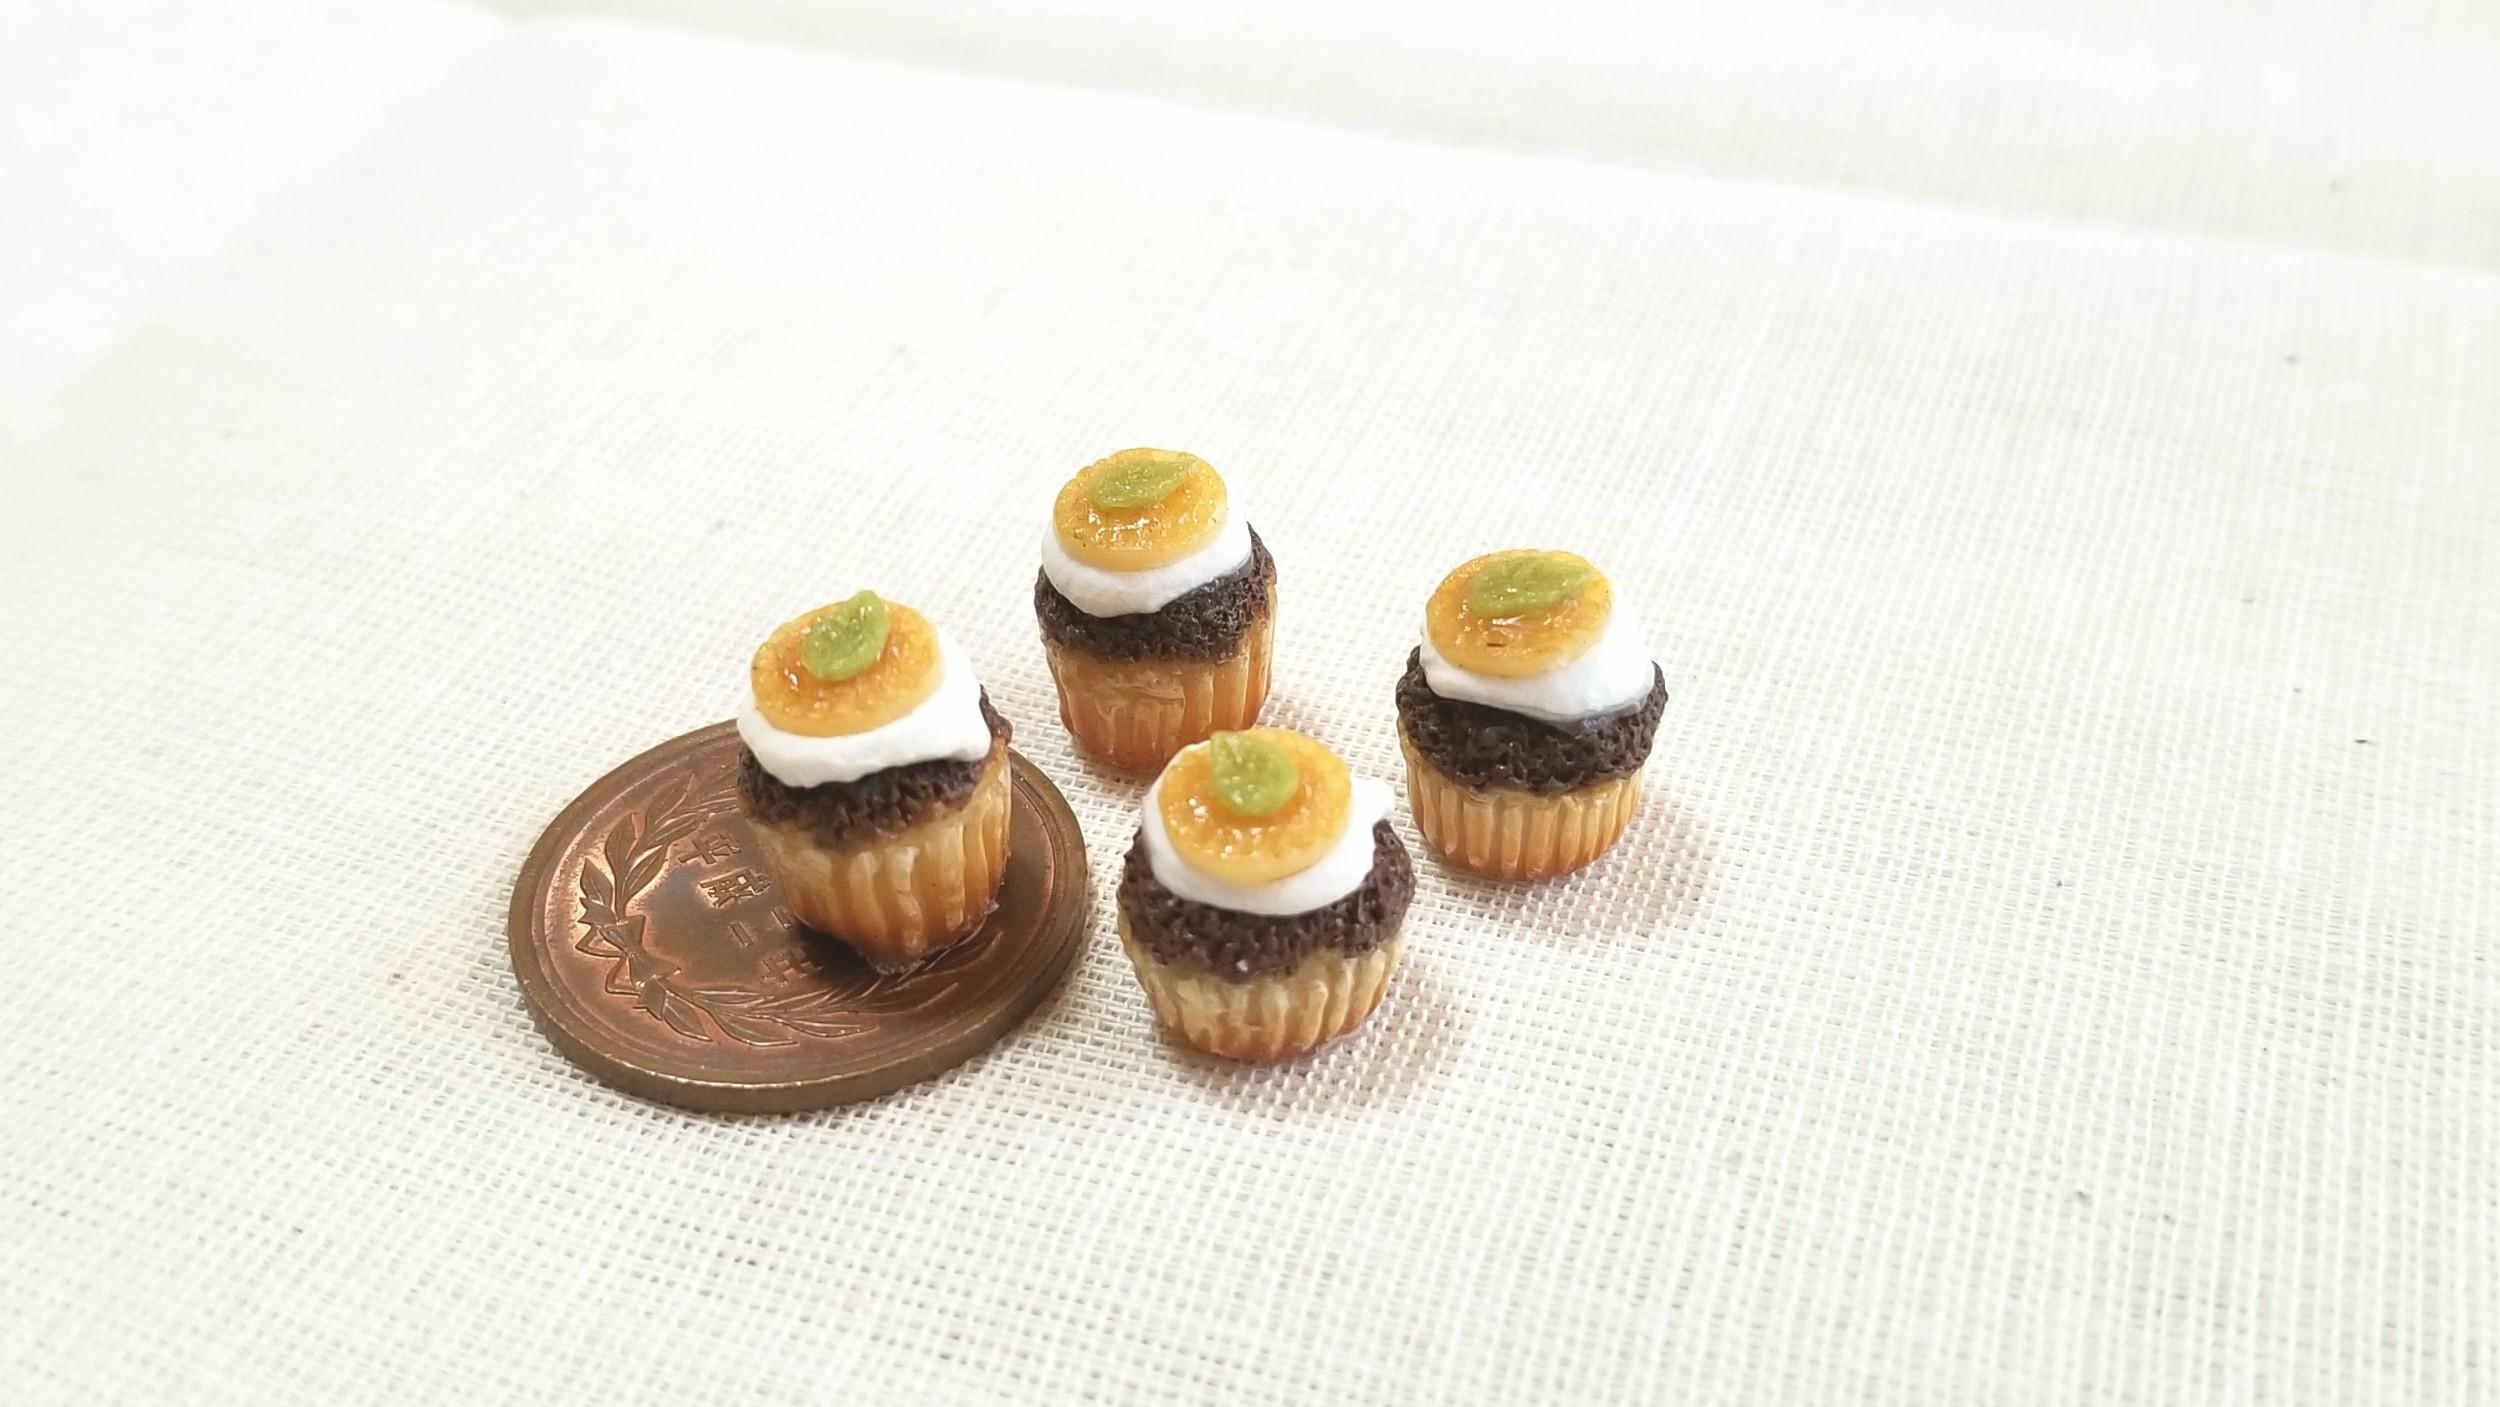 カップケーキ,クッキー,ミニチュア,キューポッシュ,プーリップ